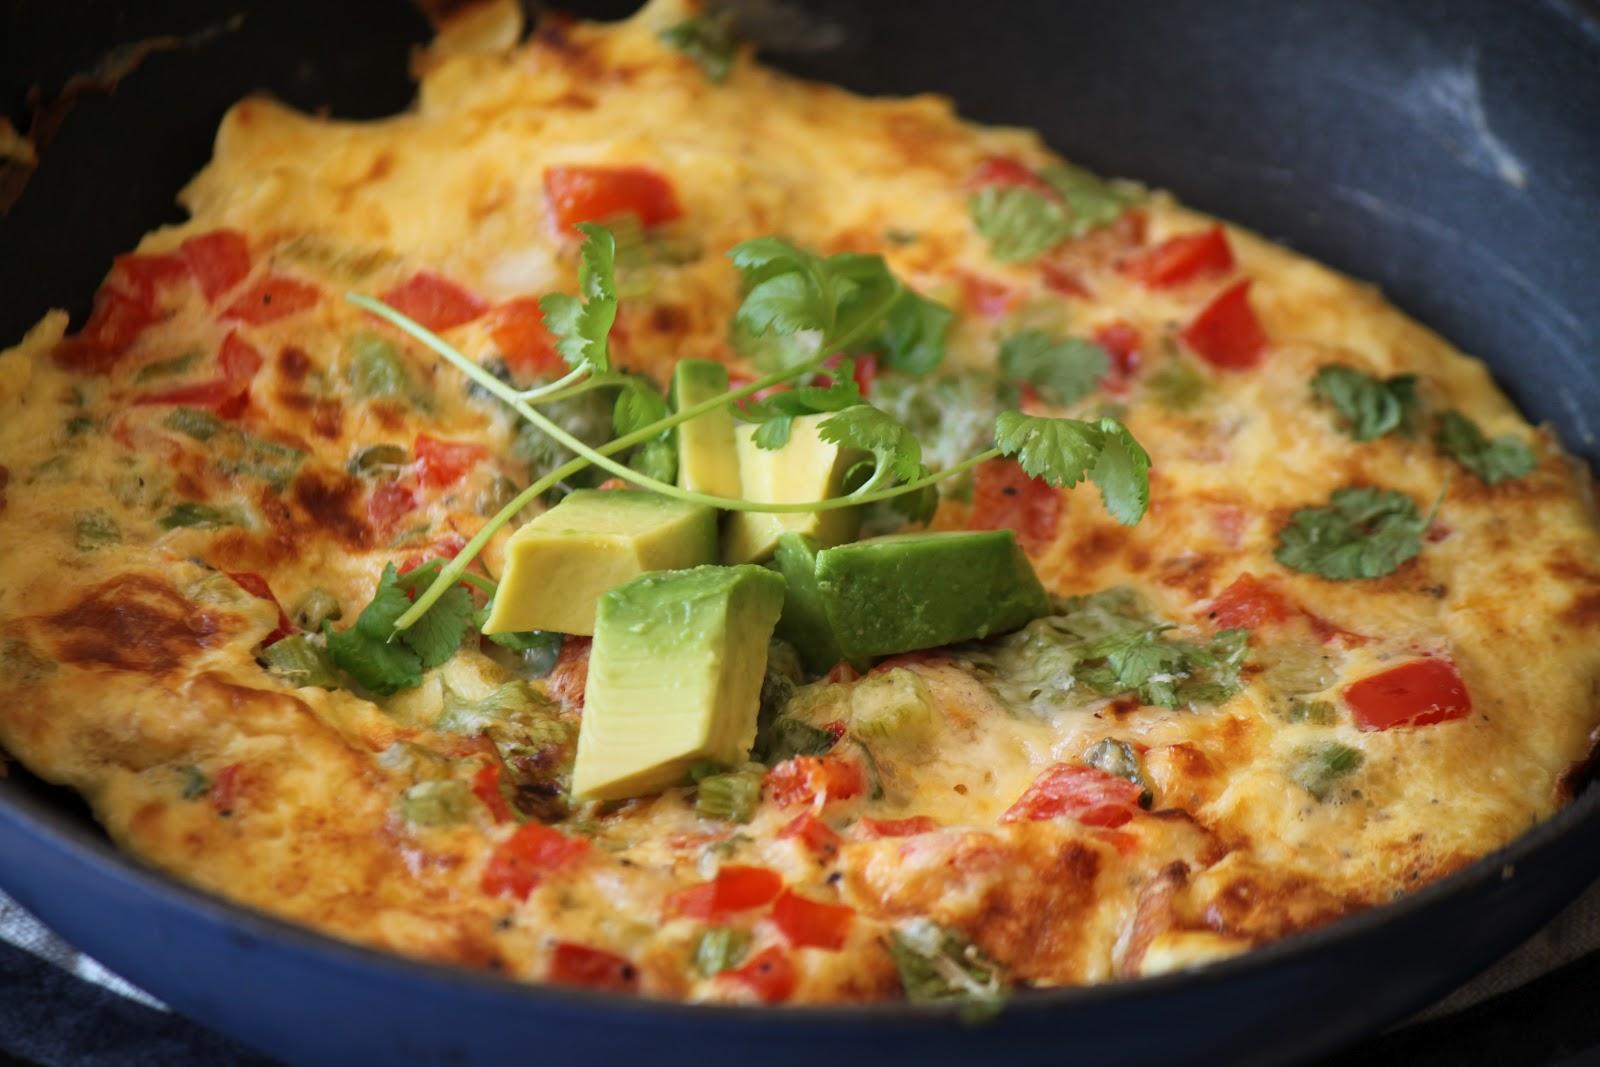 Oscar's Lunch - Spanish Omelette for kids (5)